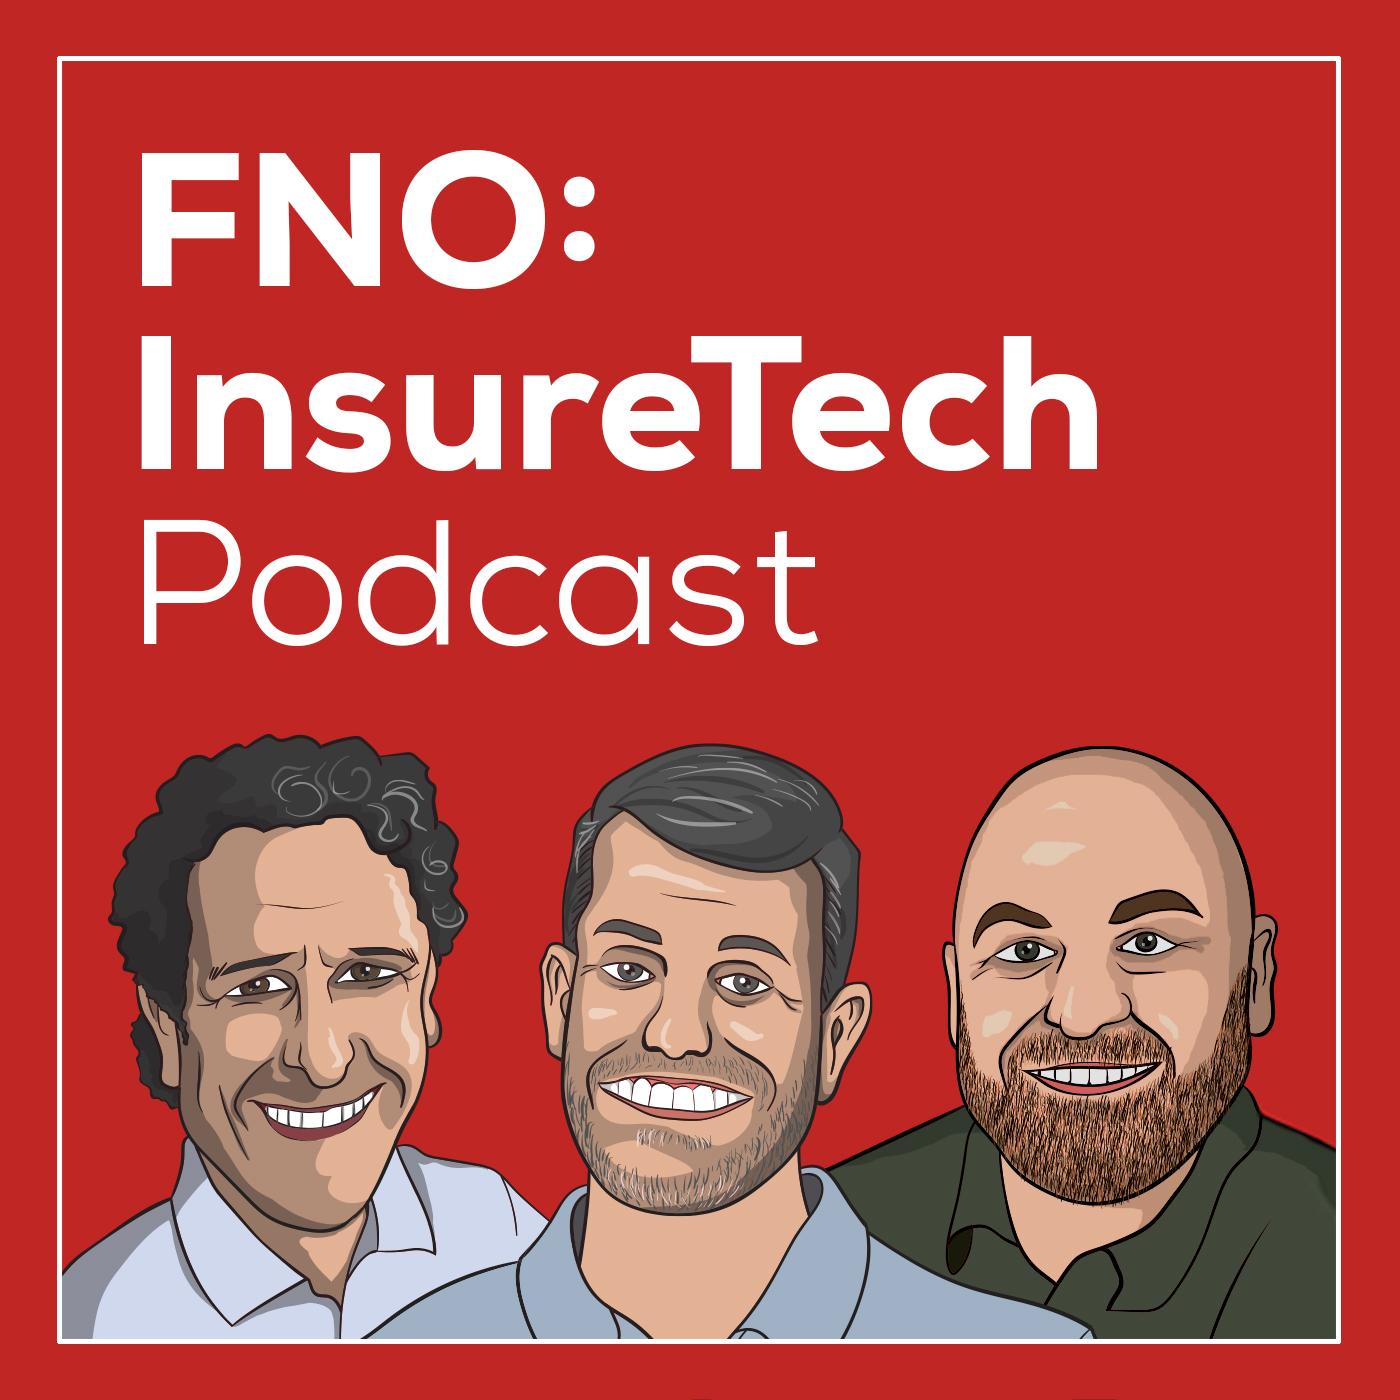 FNO: InsureTech show art